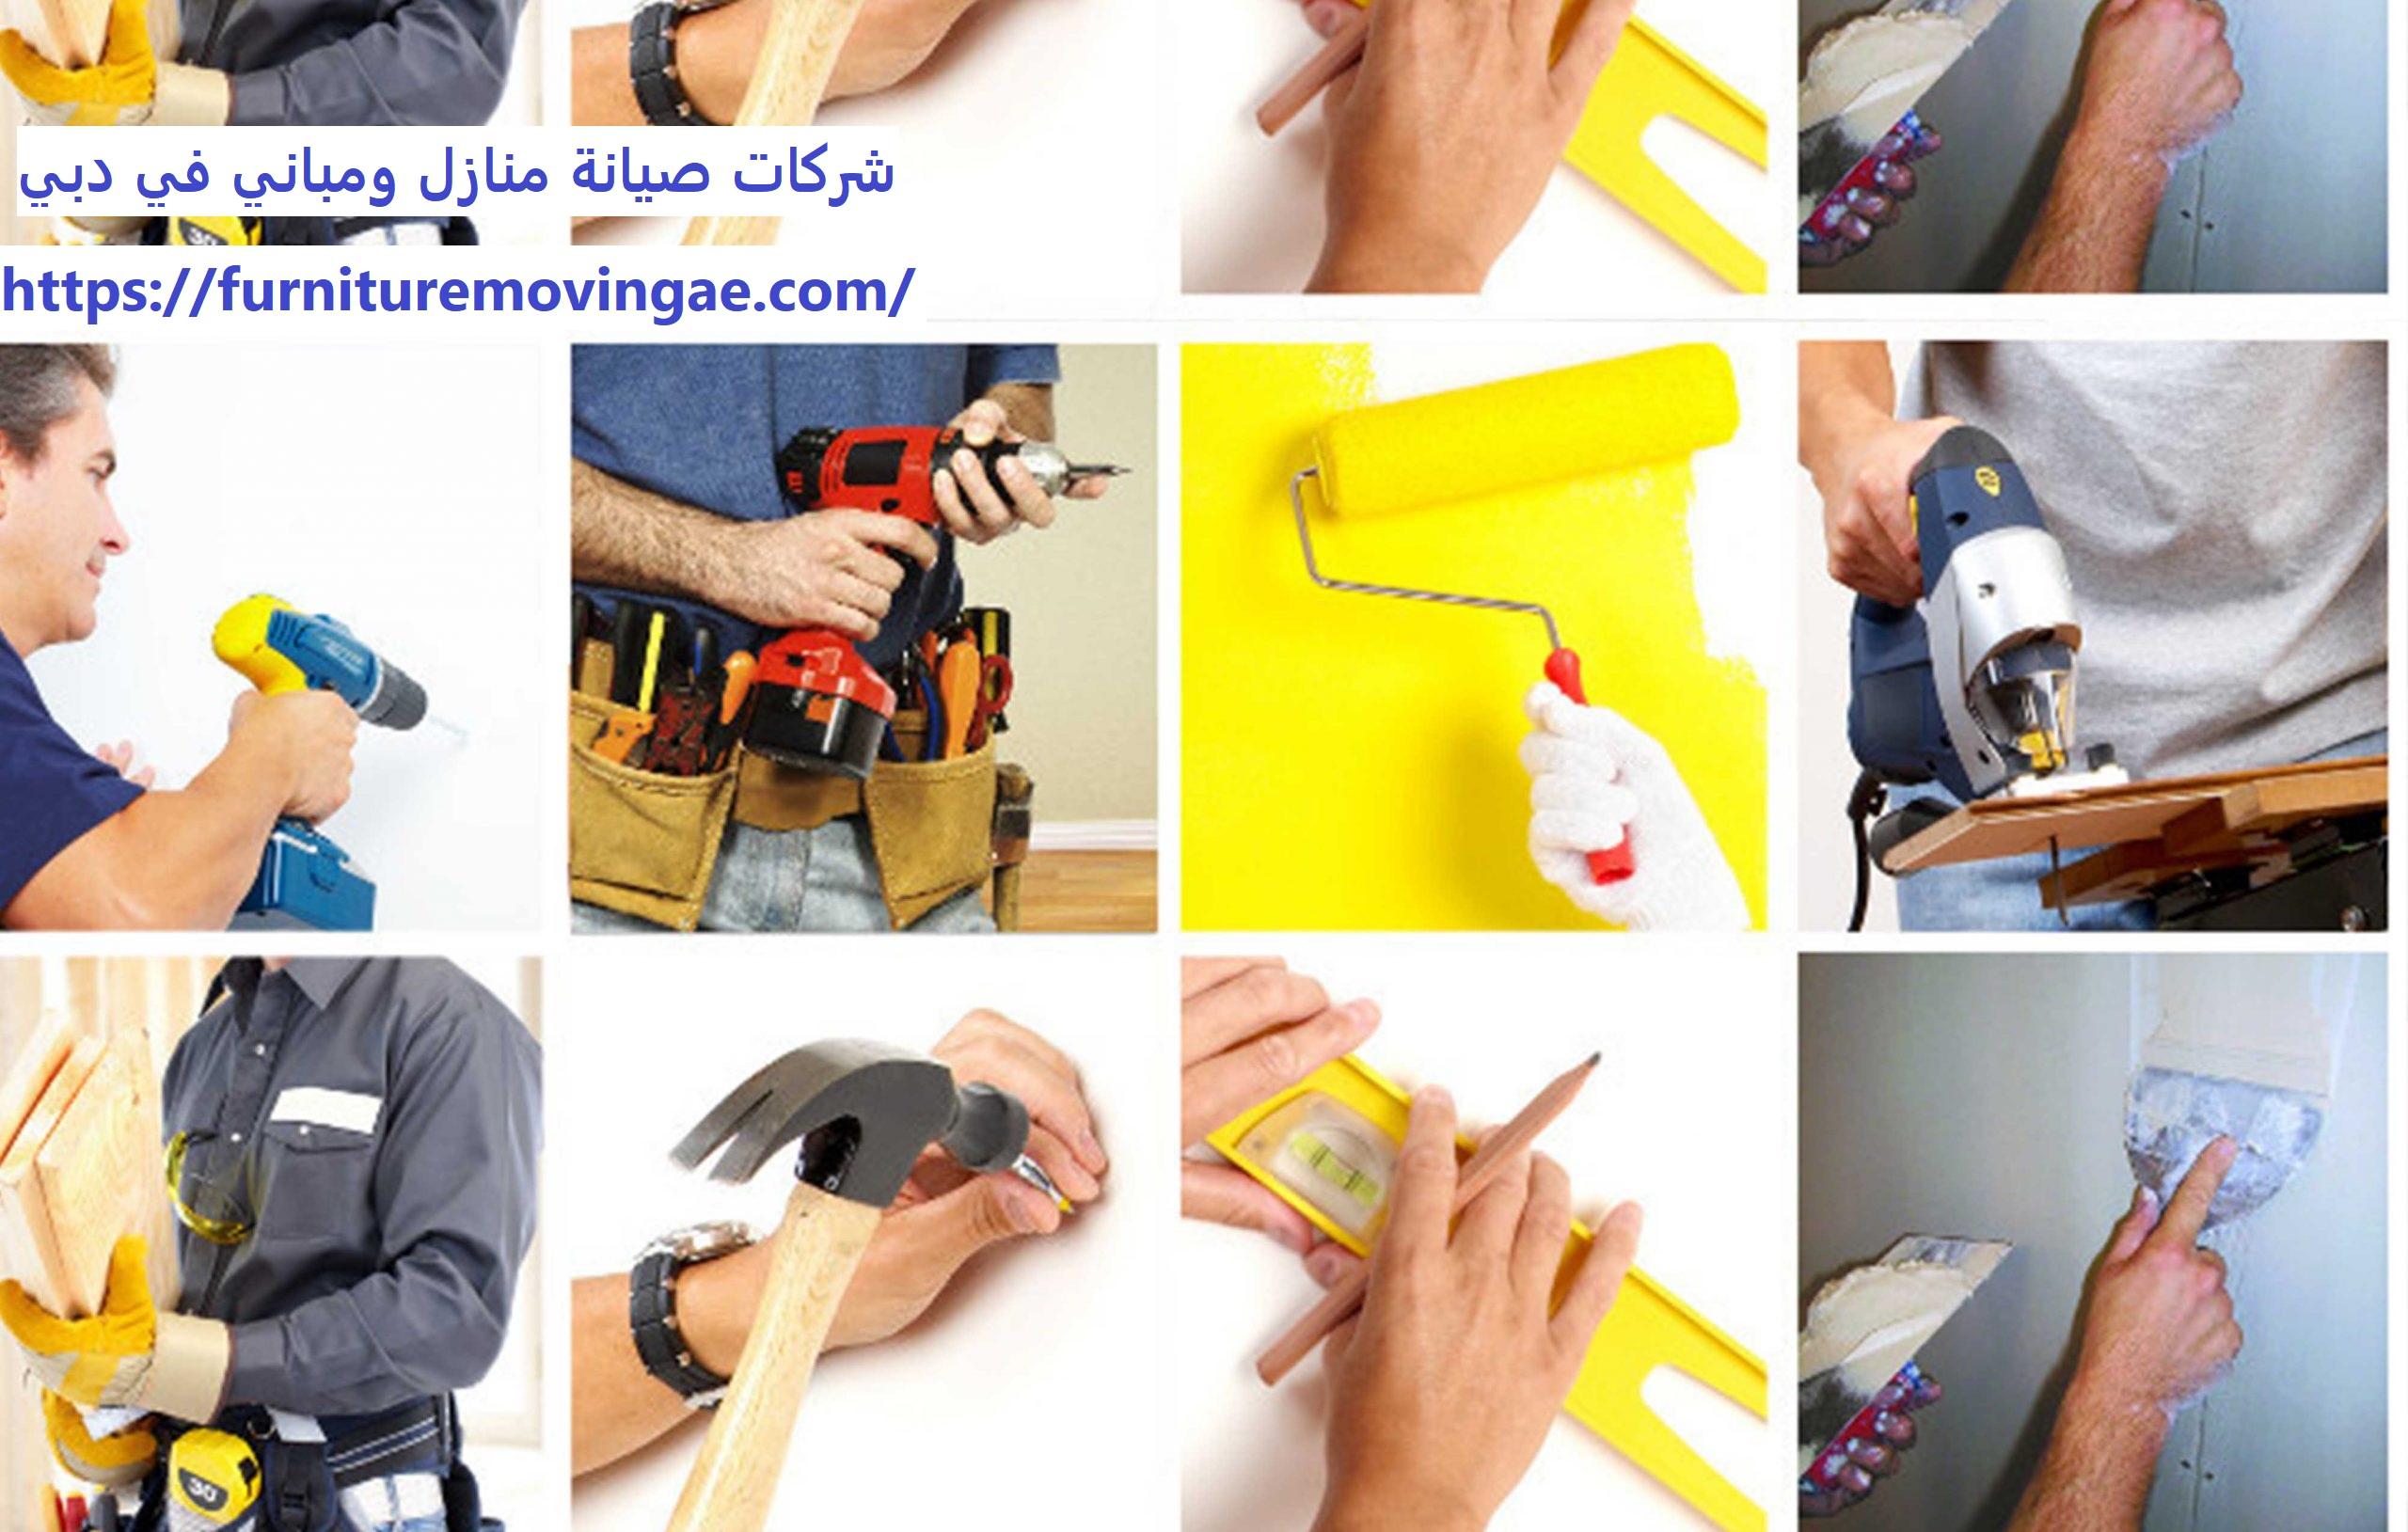 شركات صيانة منازل ومباني في دبي